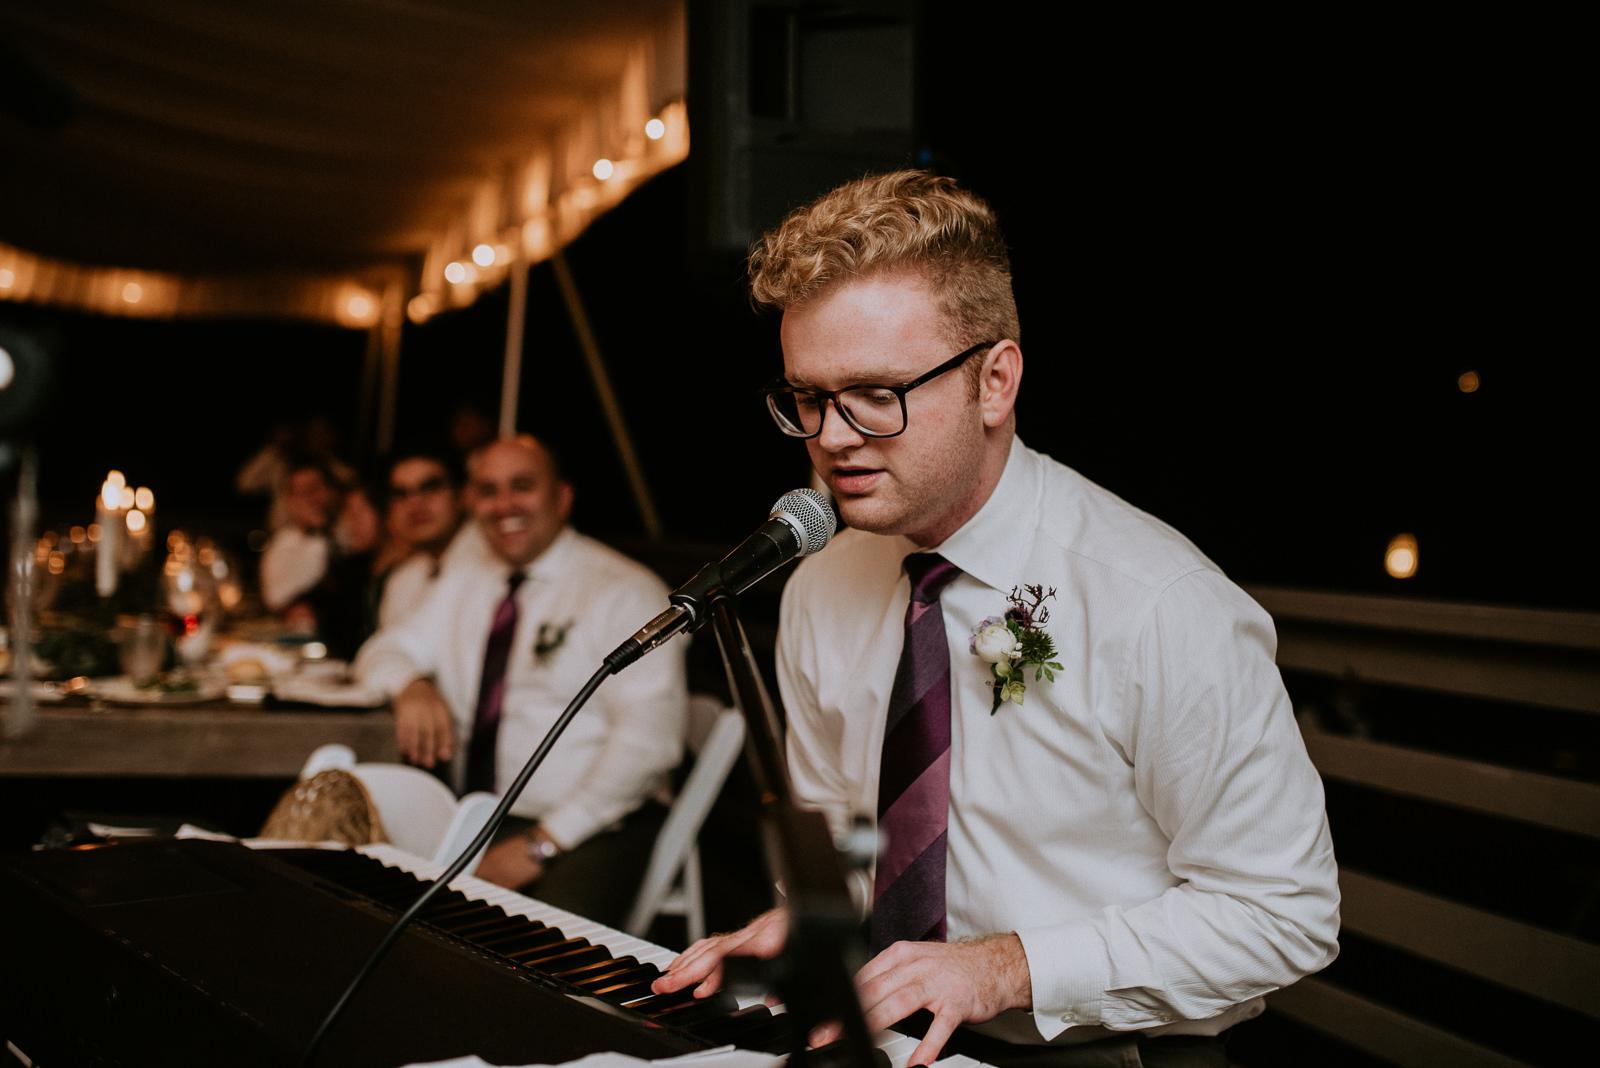 wedding reception band